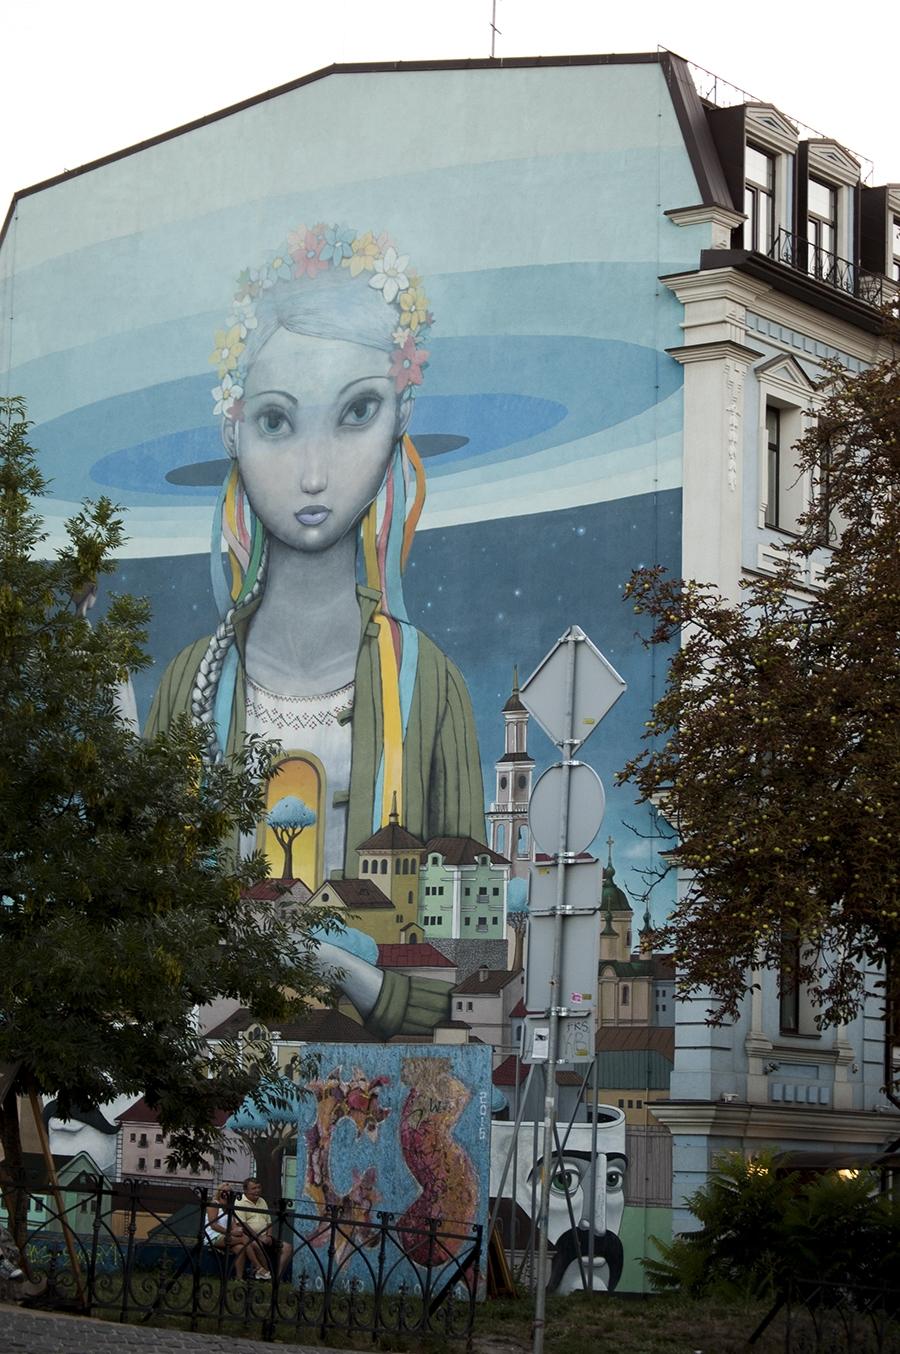 Kijów atrakcje zwiedzanie Ukraina